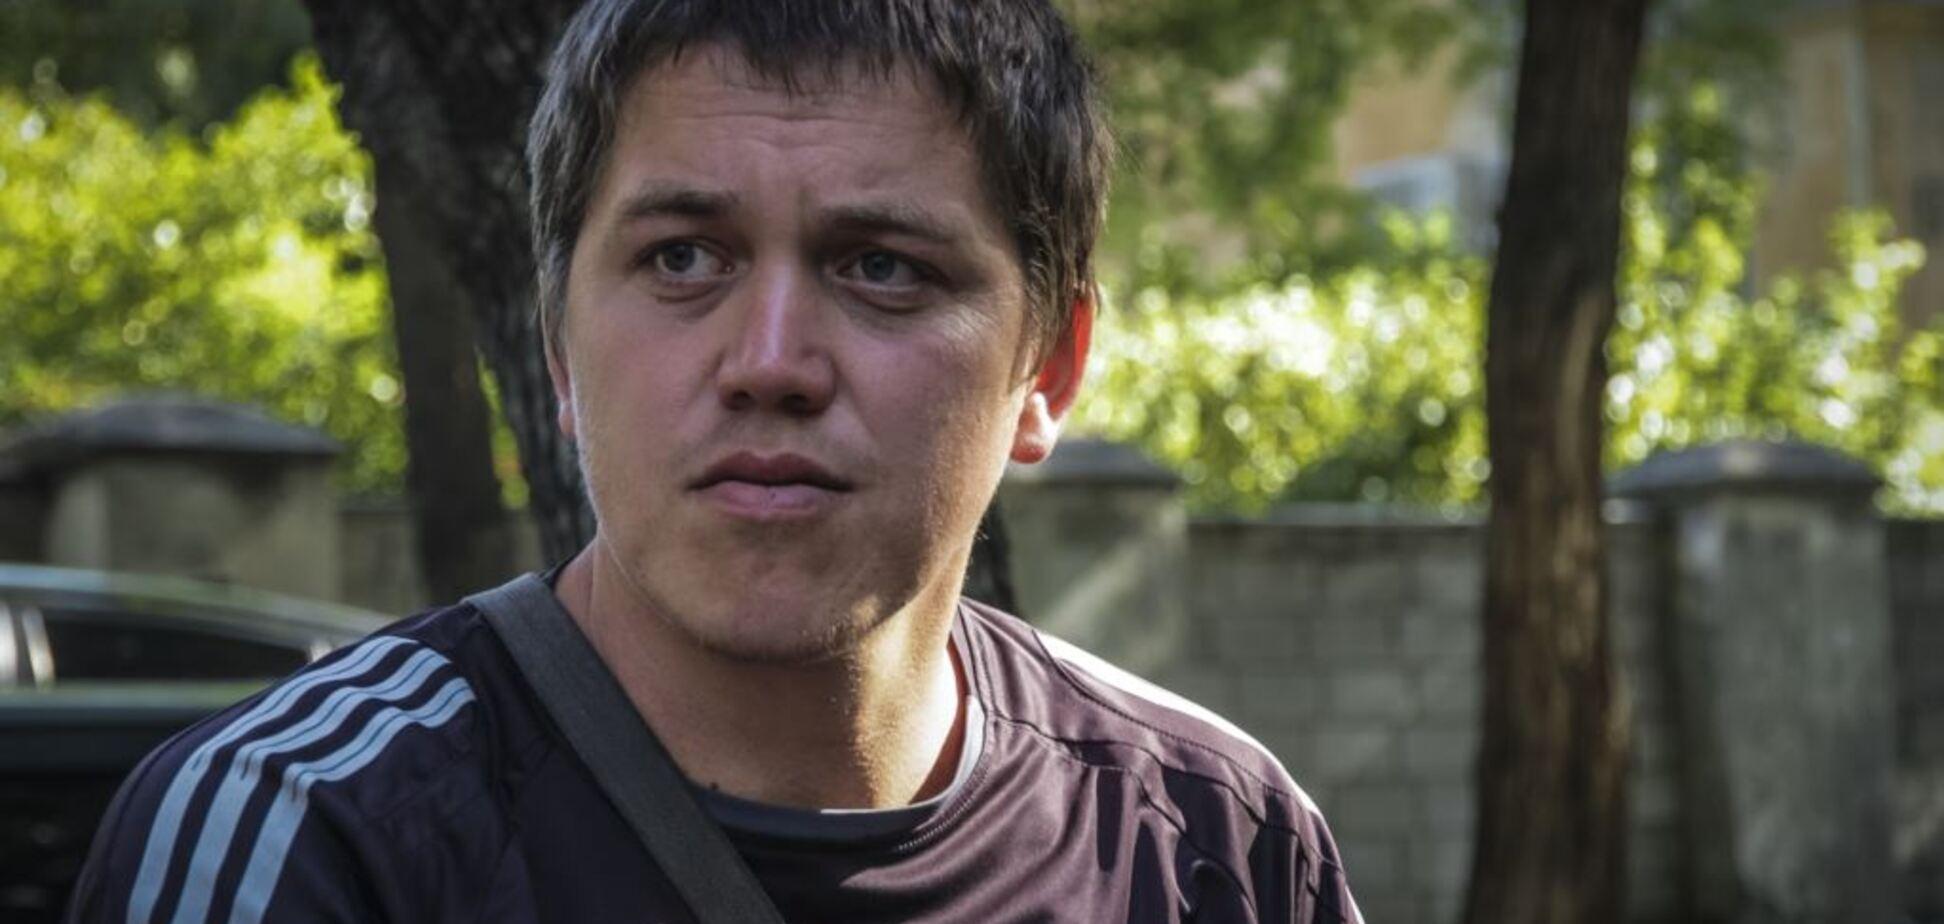 Катували і били струмом: кримський татарин розповів про жахи, пережиті в катівнях ФСБ